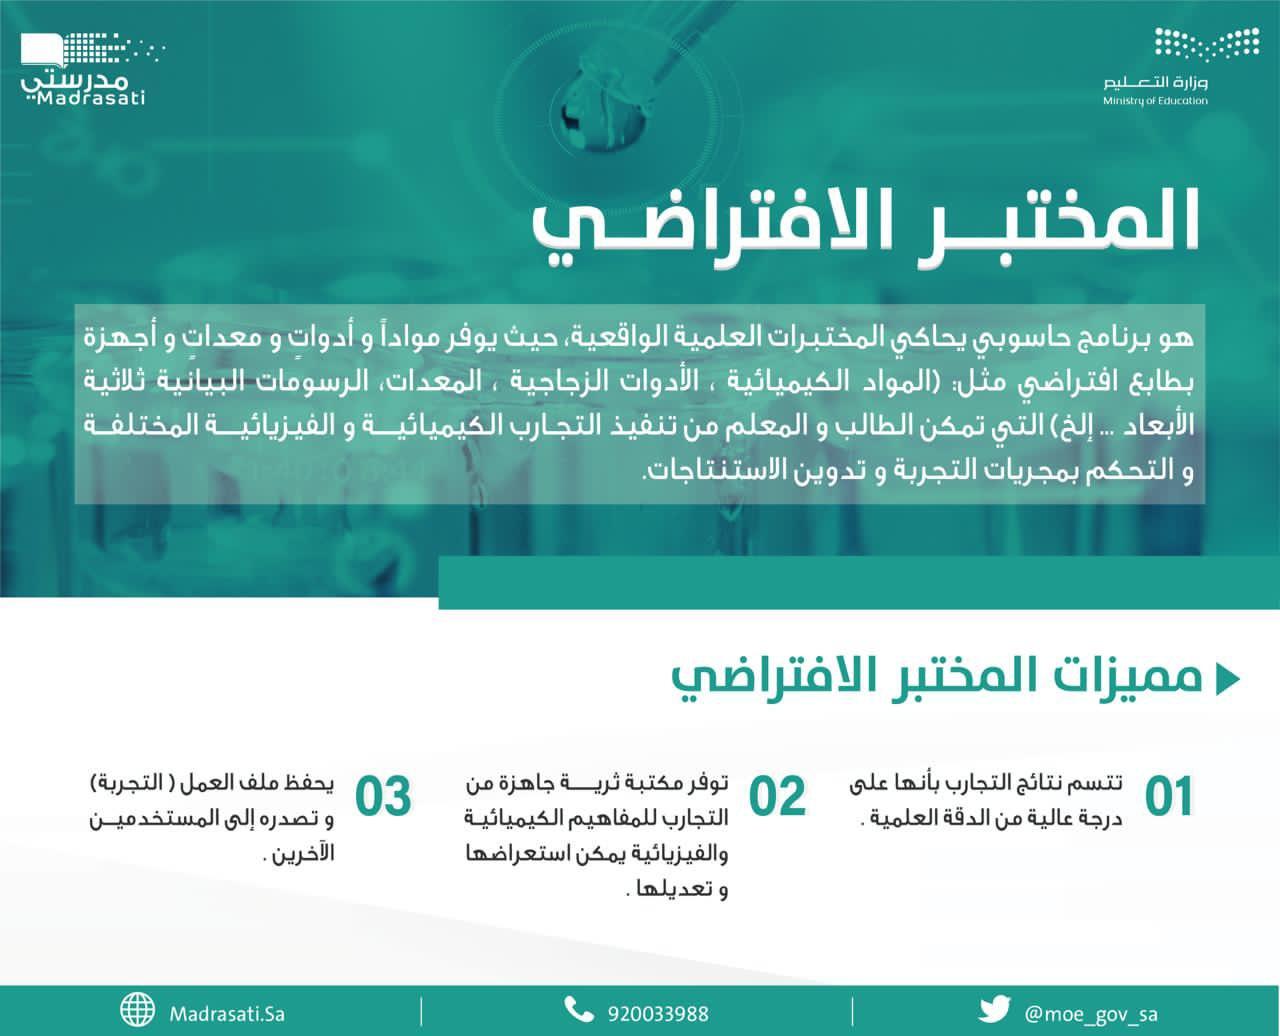 وزارة التعليم السعودية وأهم القرارات العاجلة التي تخص التعليم 1442